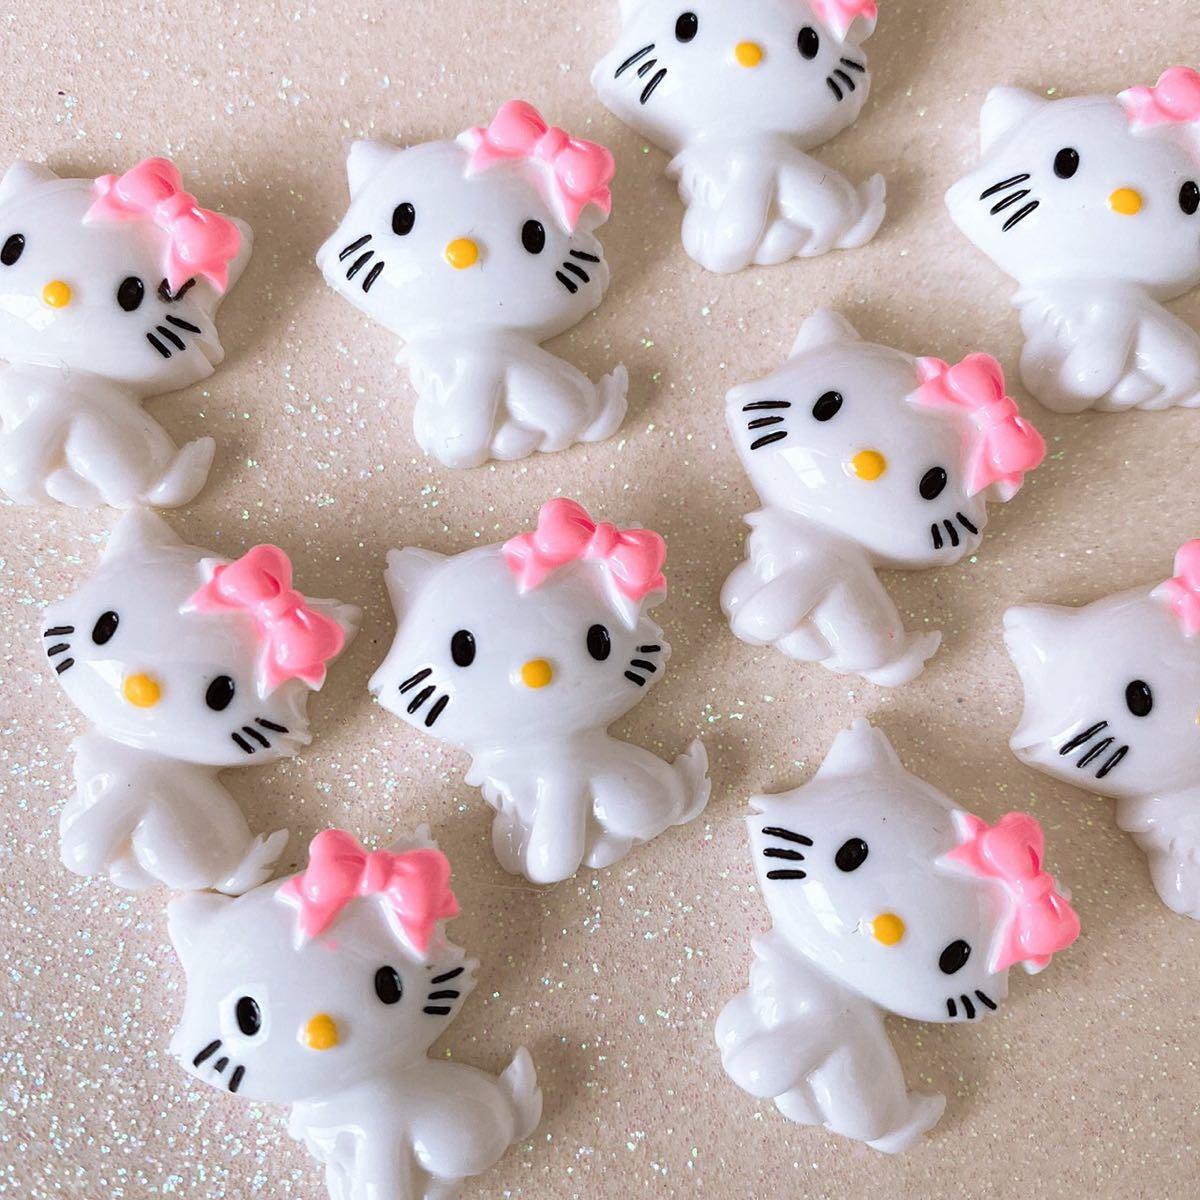 デコパーツ 猫デコパーツ10個セット 数量限定 まとめ売り キャラパーツ